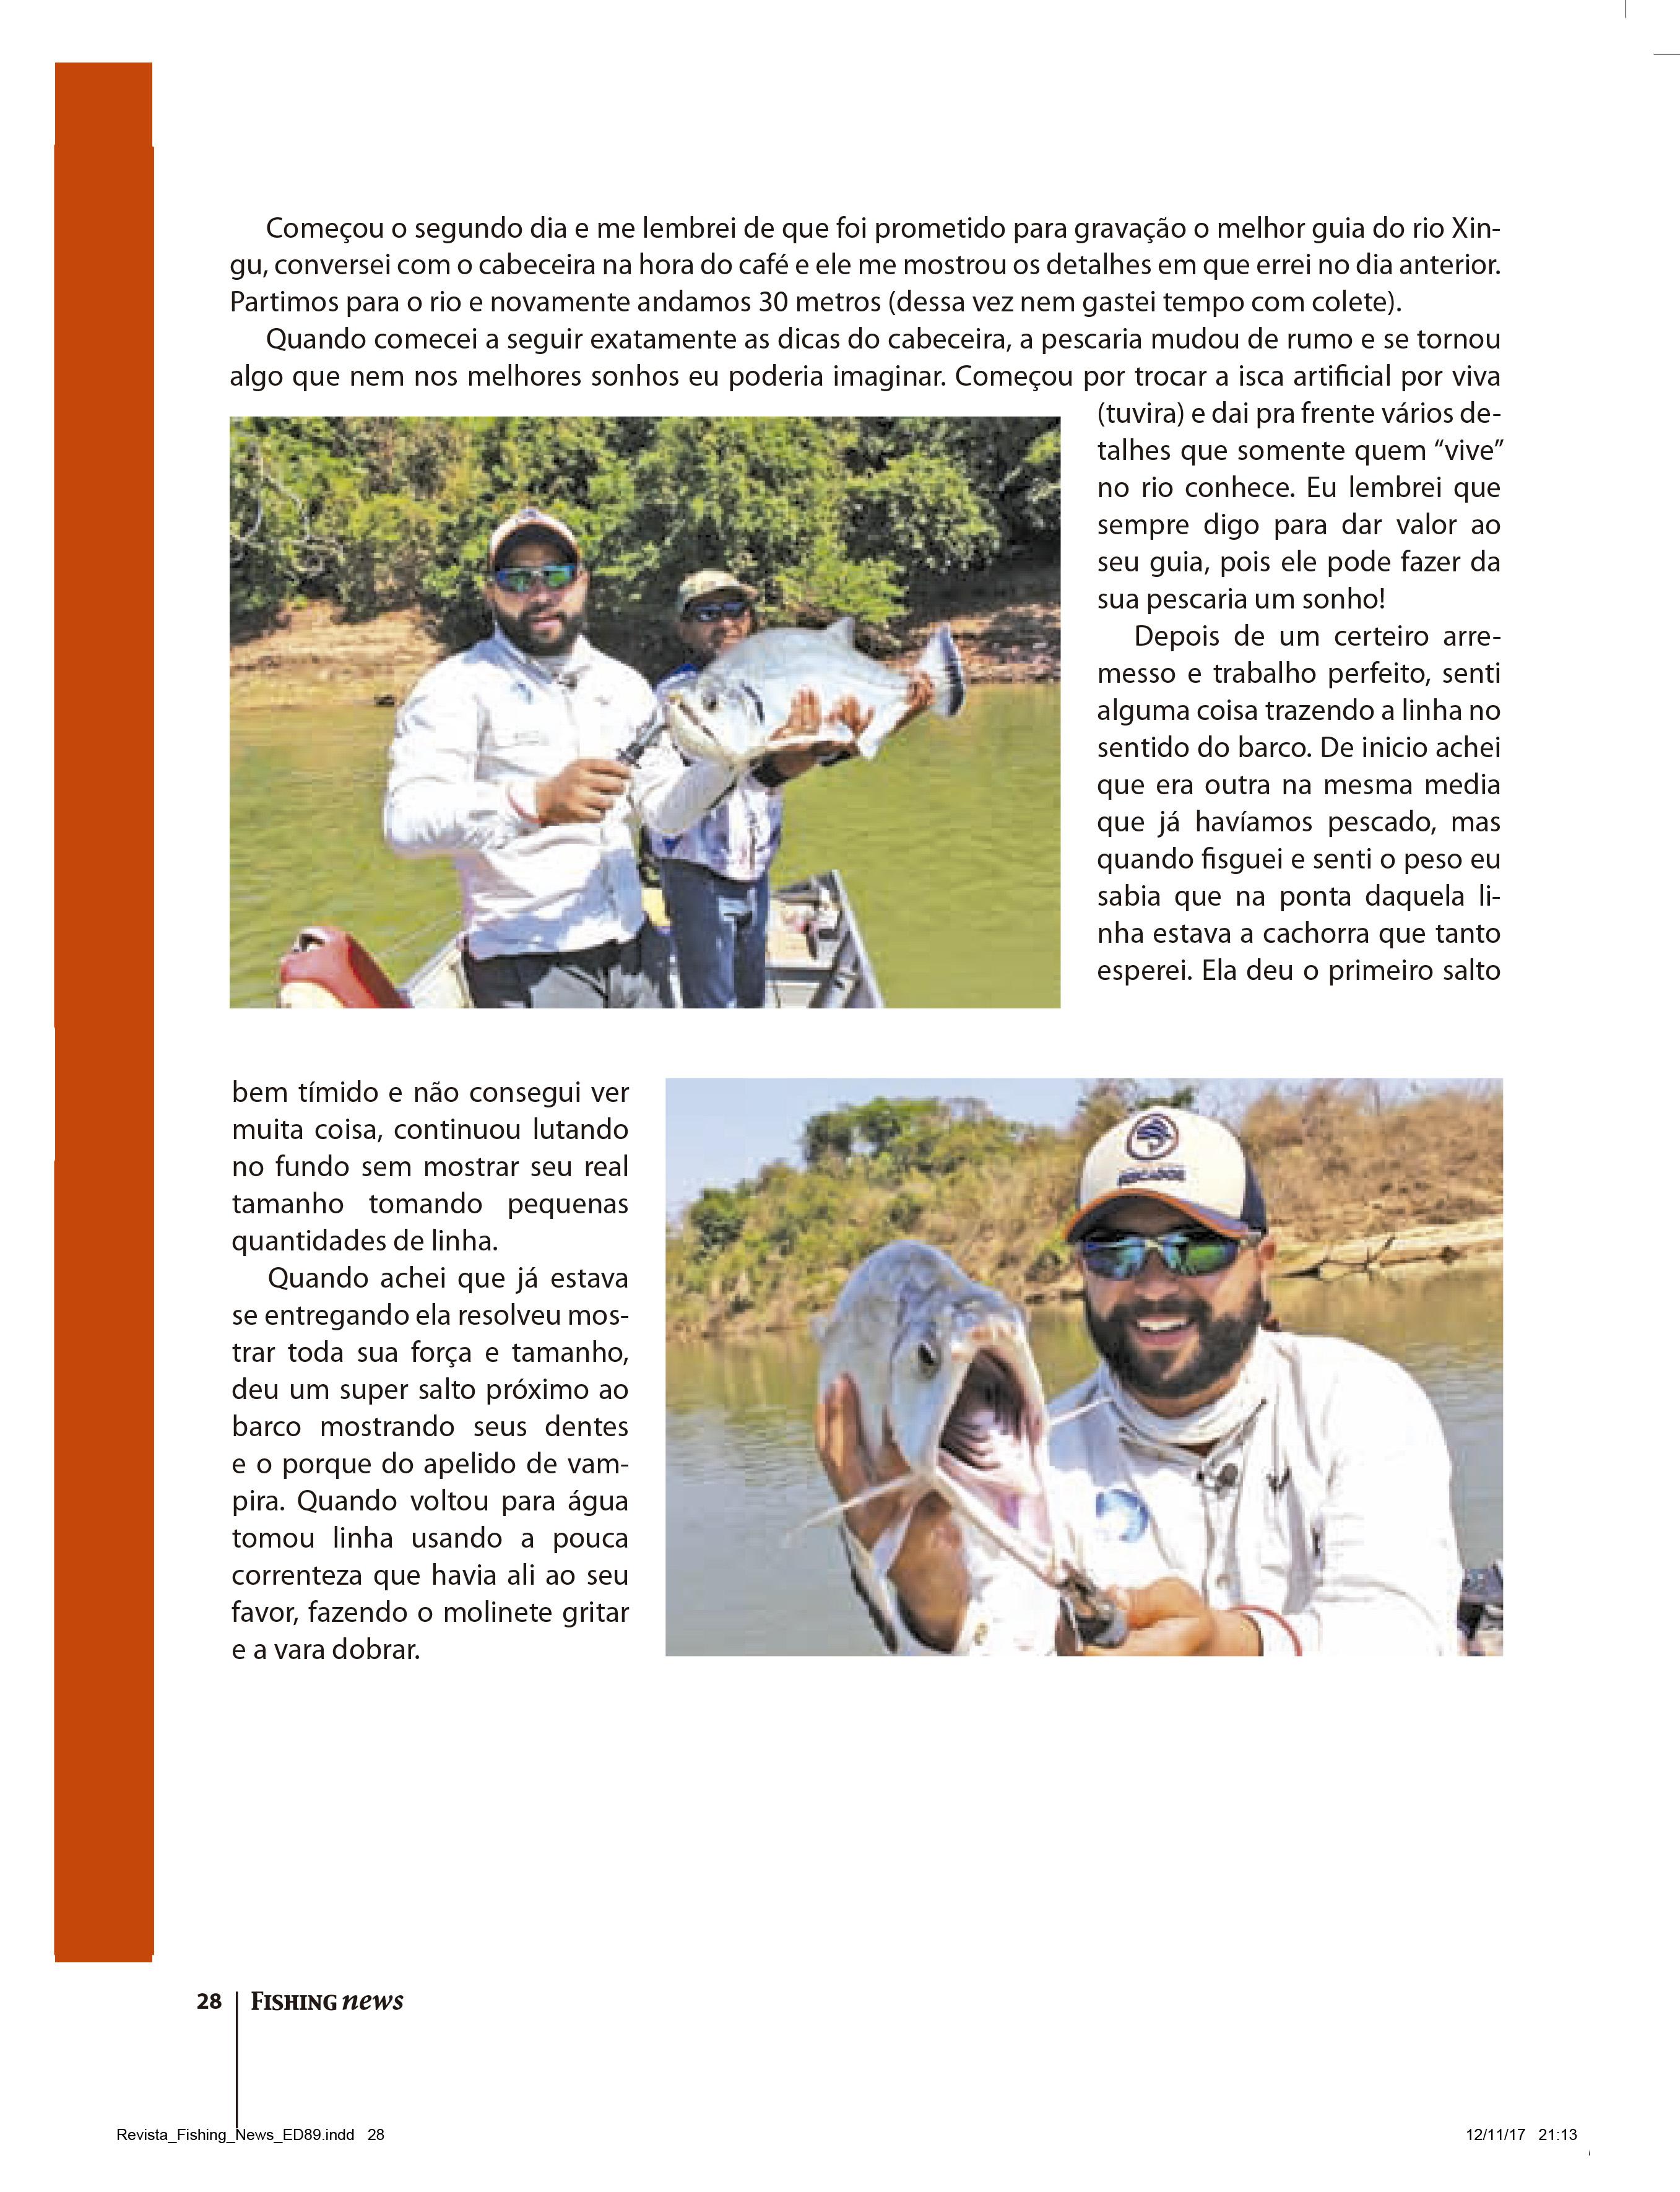 Revista Fishing News_ 89_OP 46649_pdf prova-28